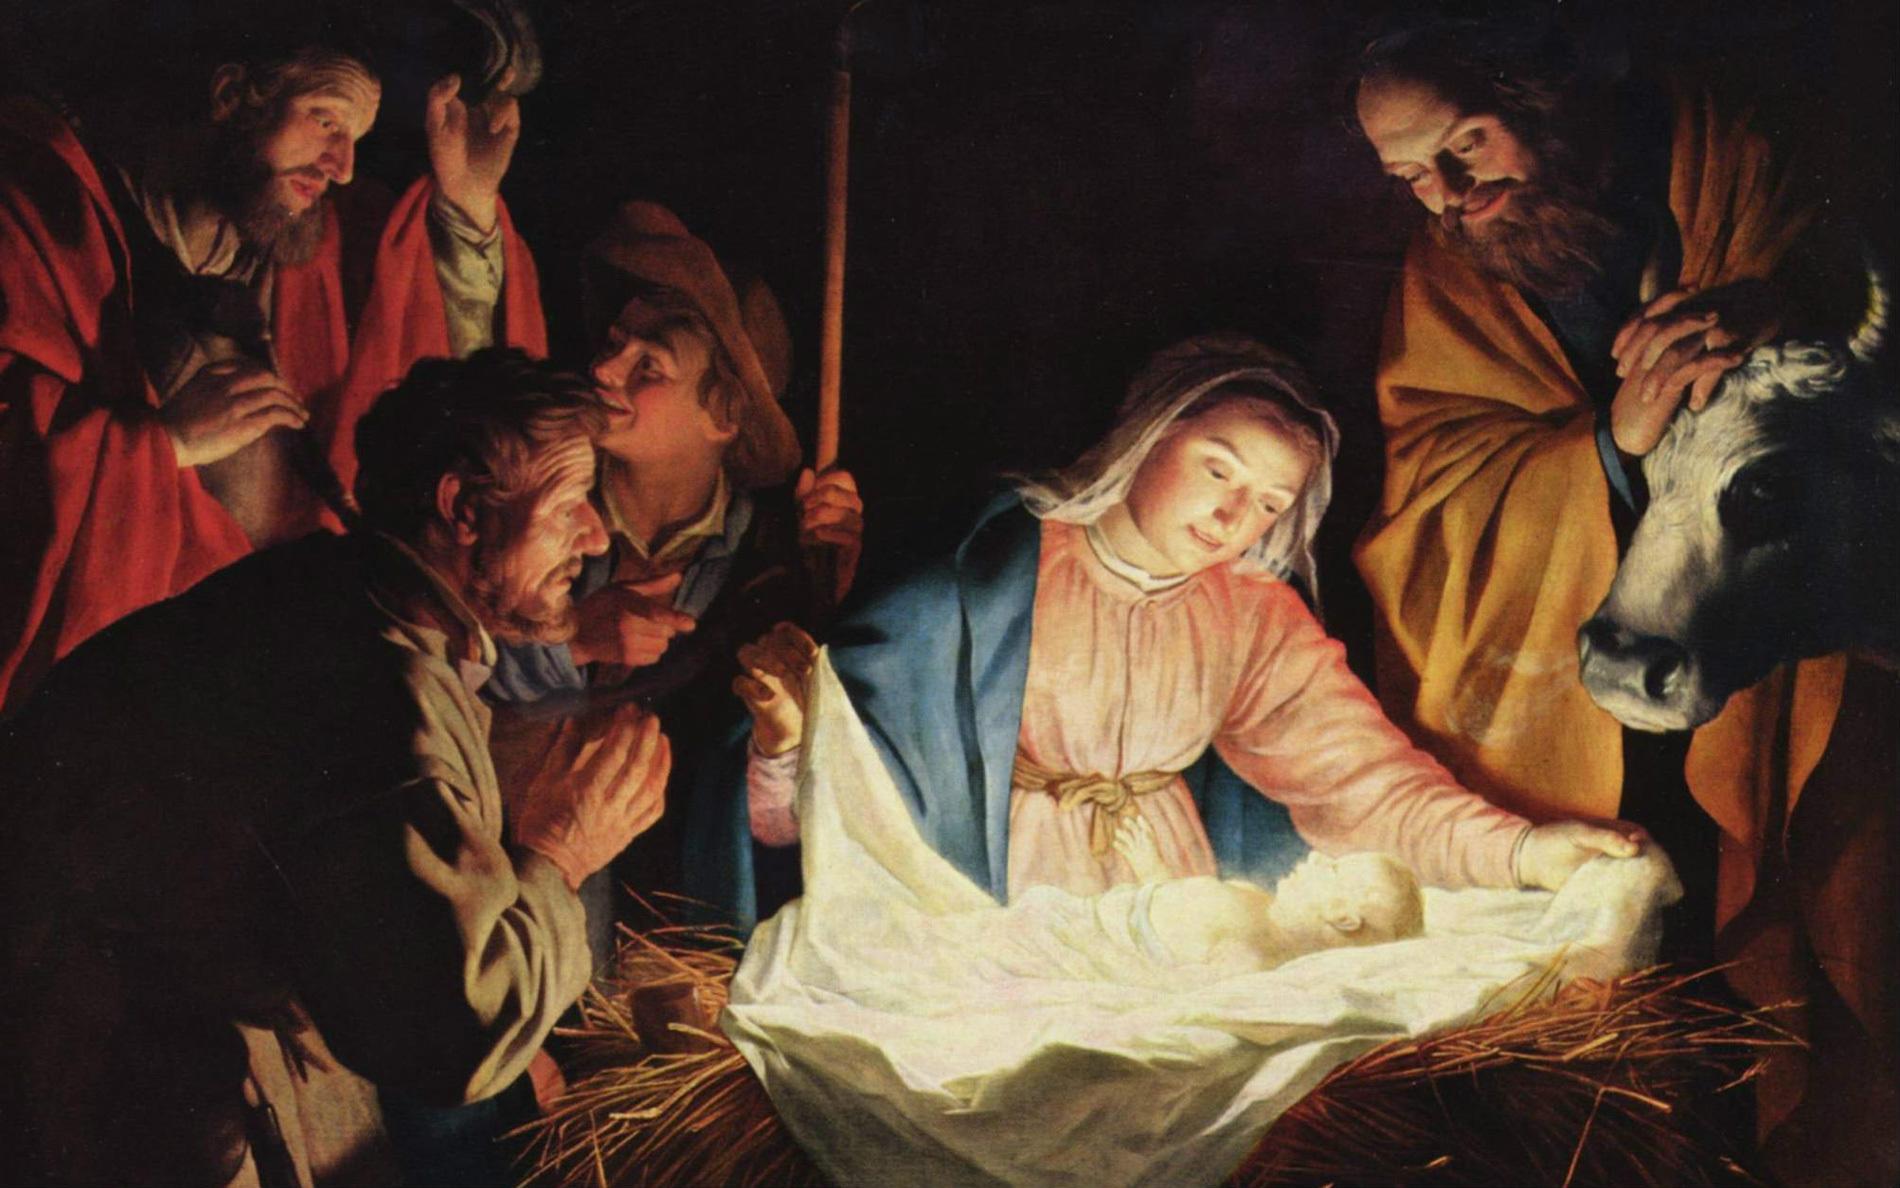 Cultuur onder Vuur wenst u een gezegend kerstmis!